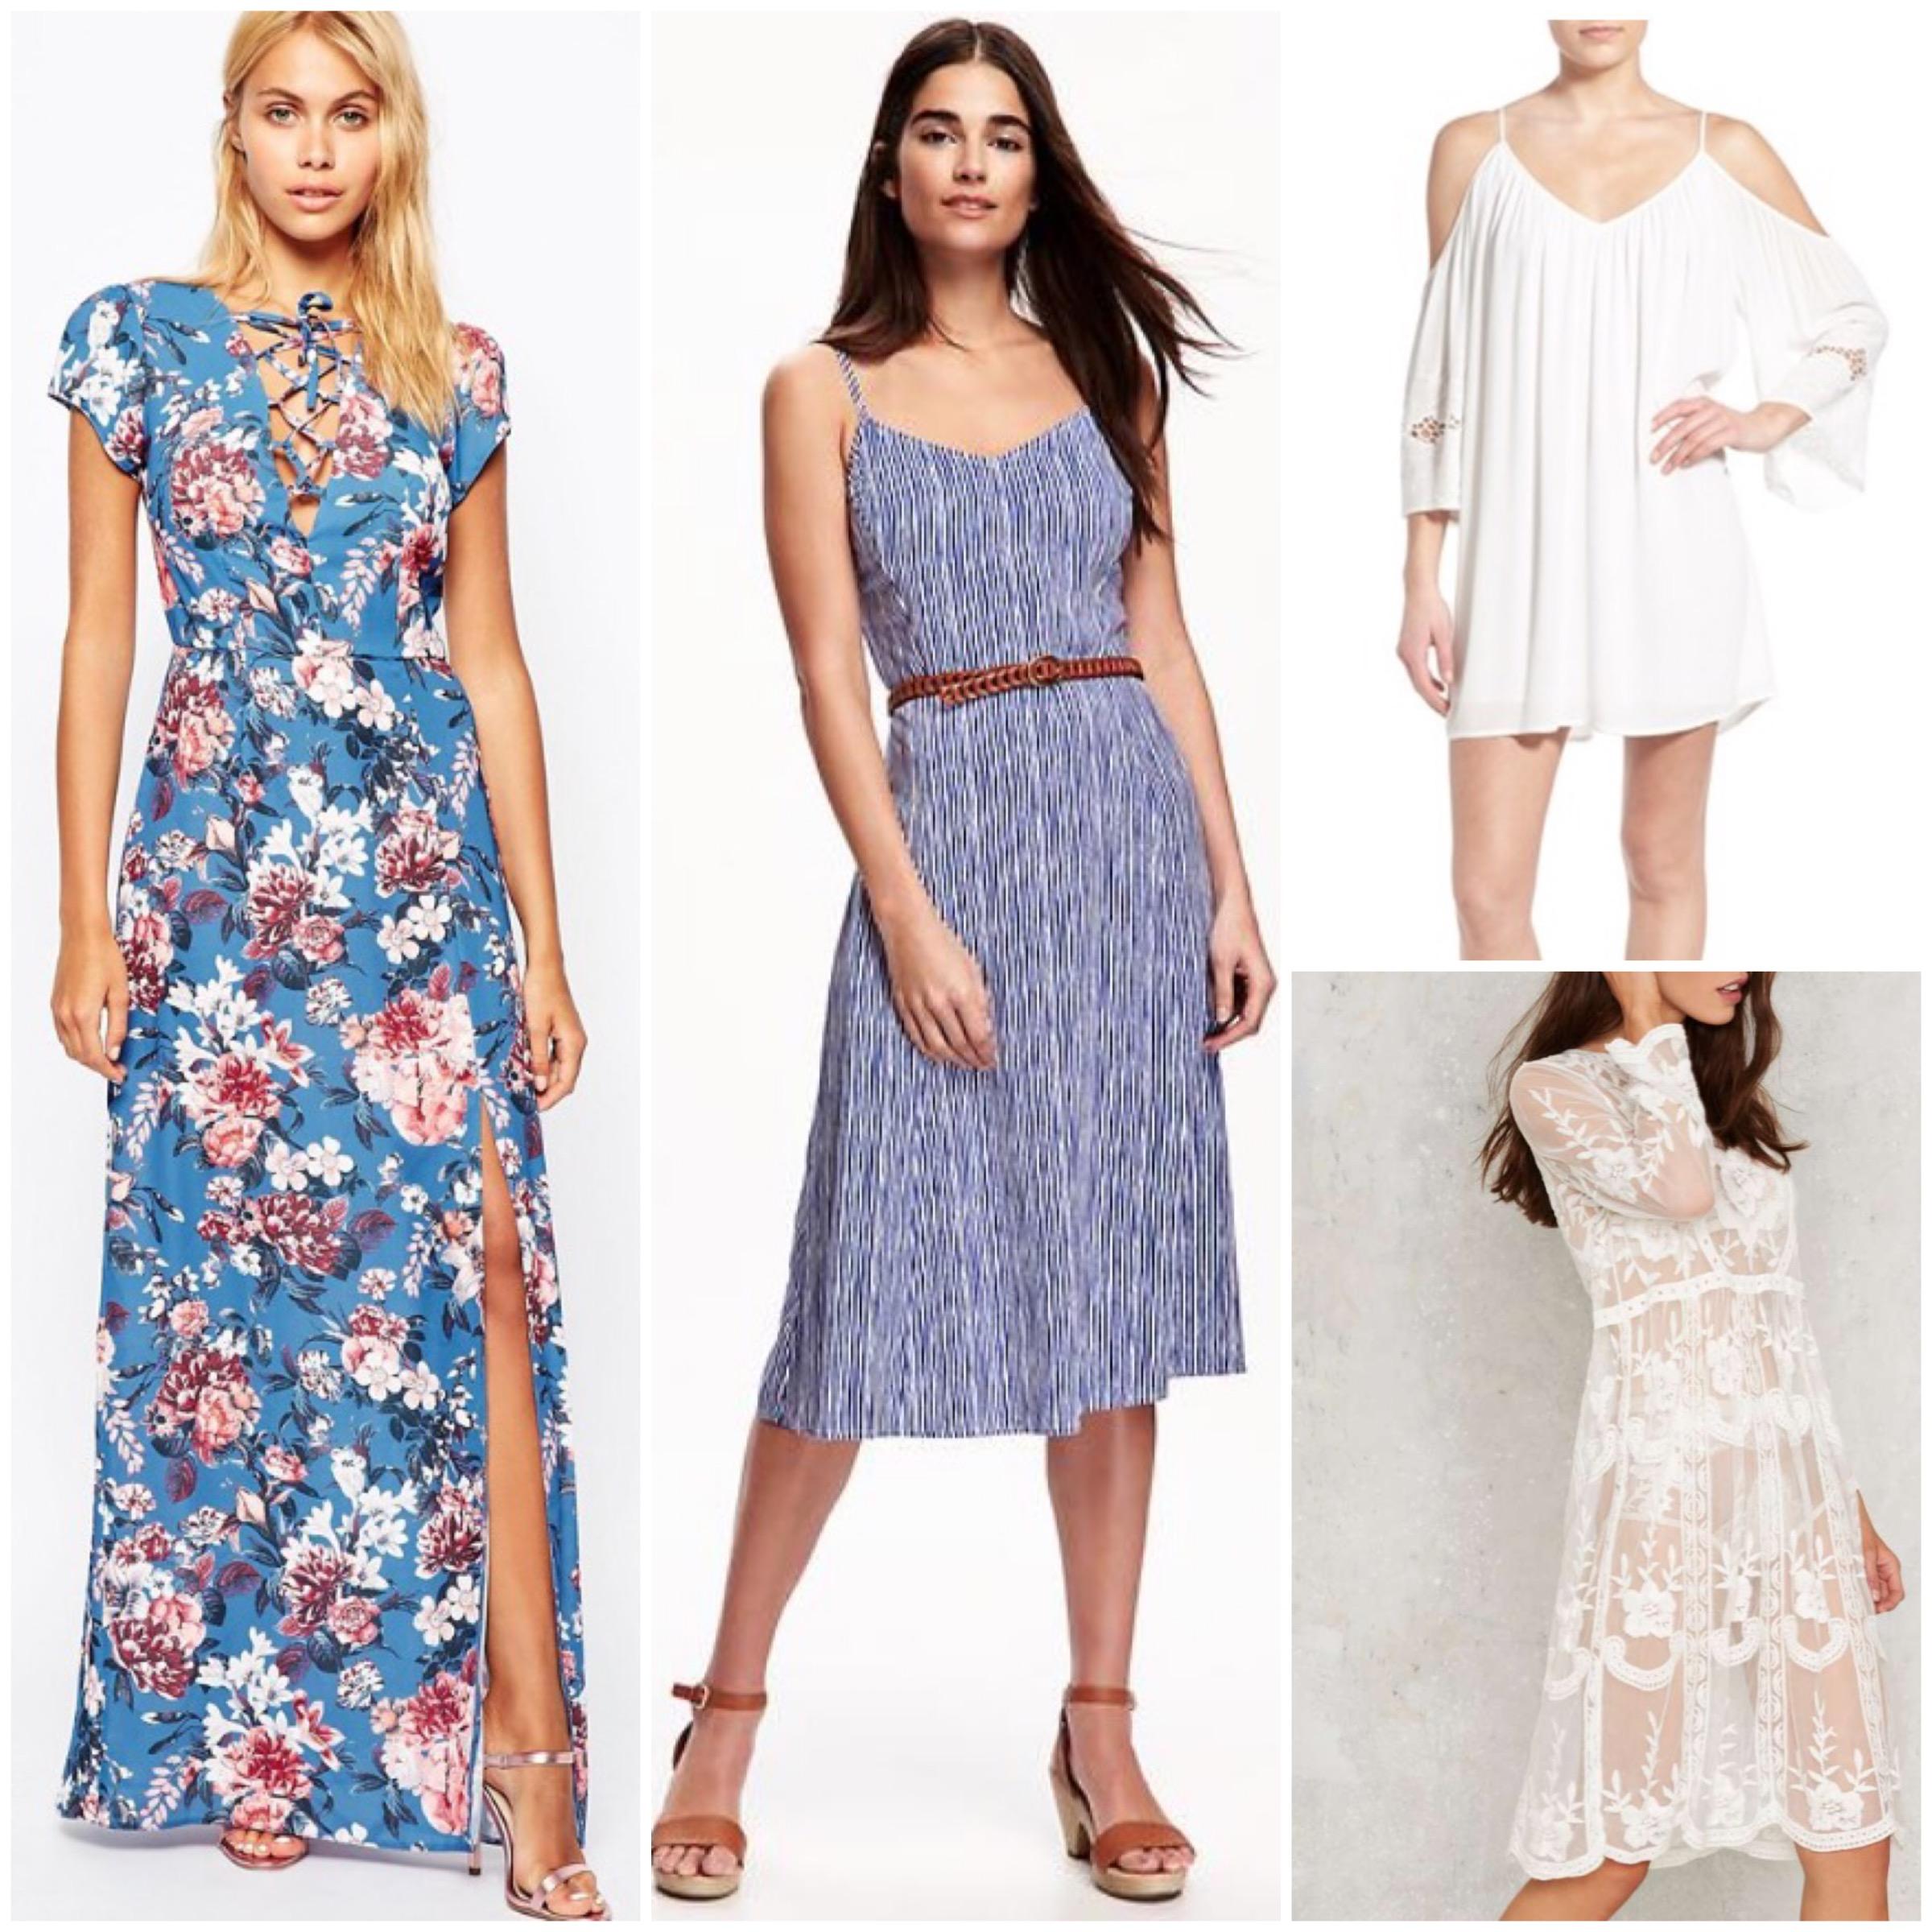 Imagini pentru spring dresses